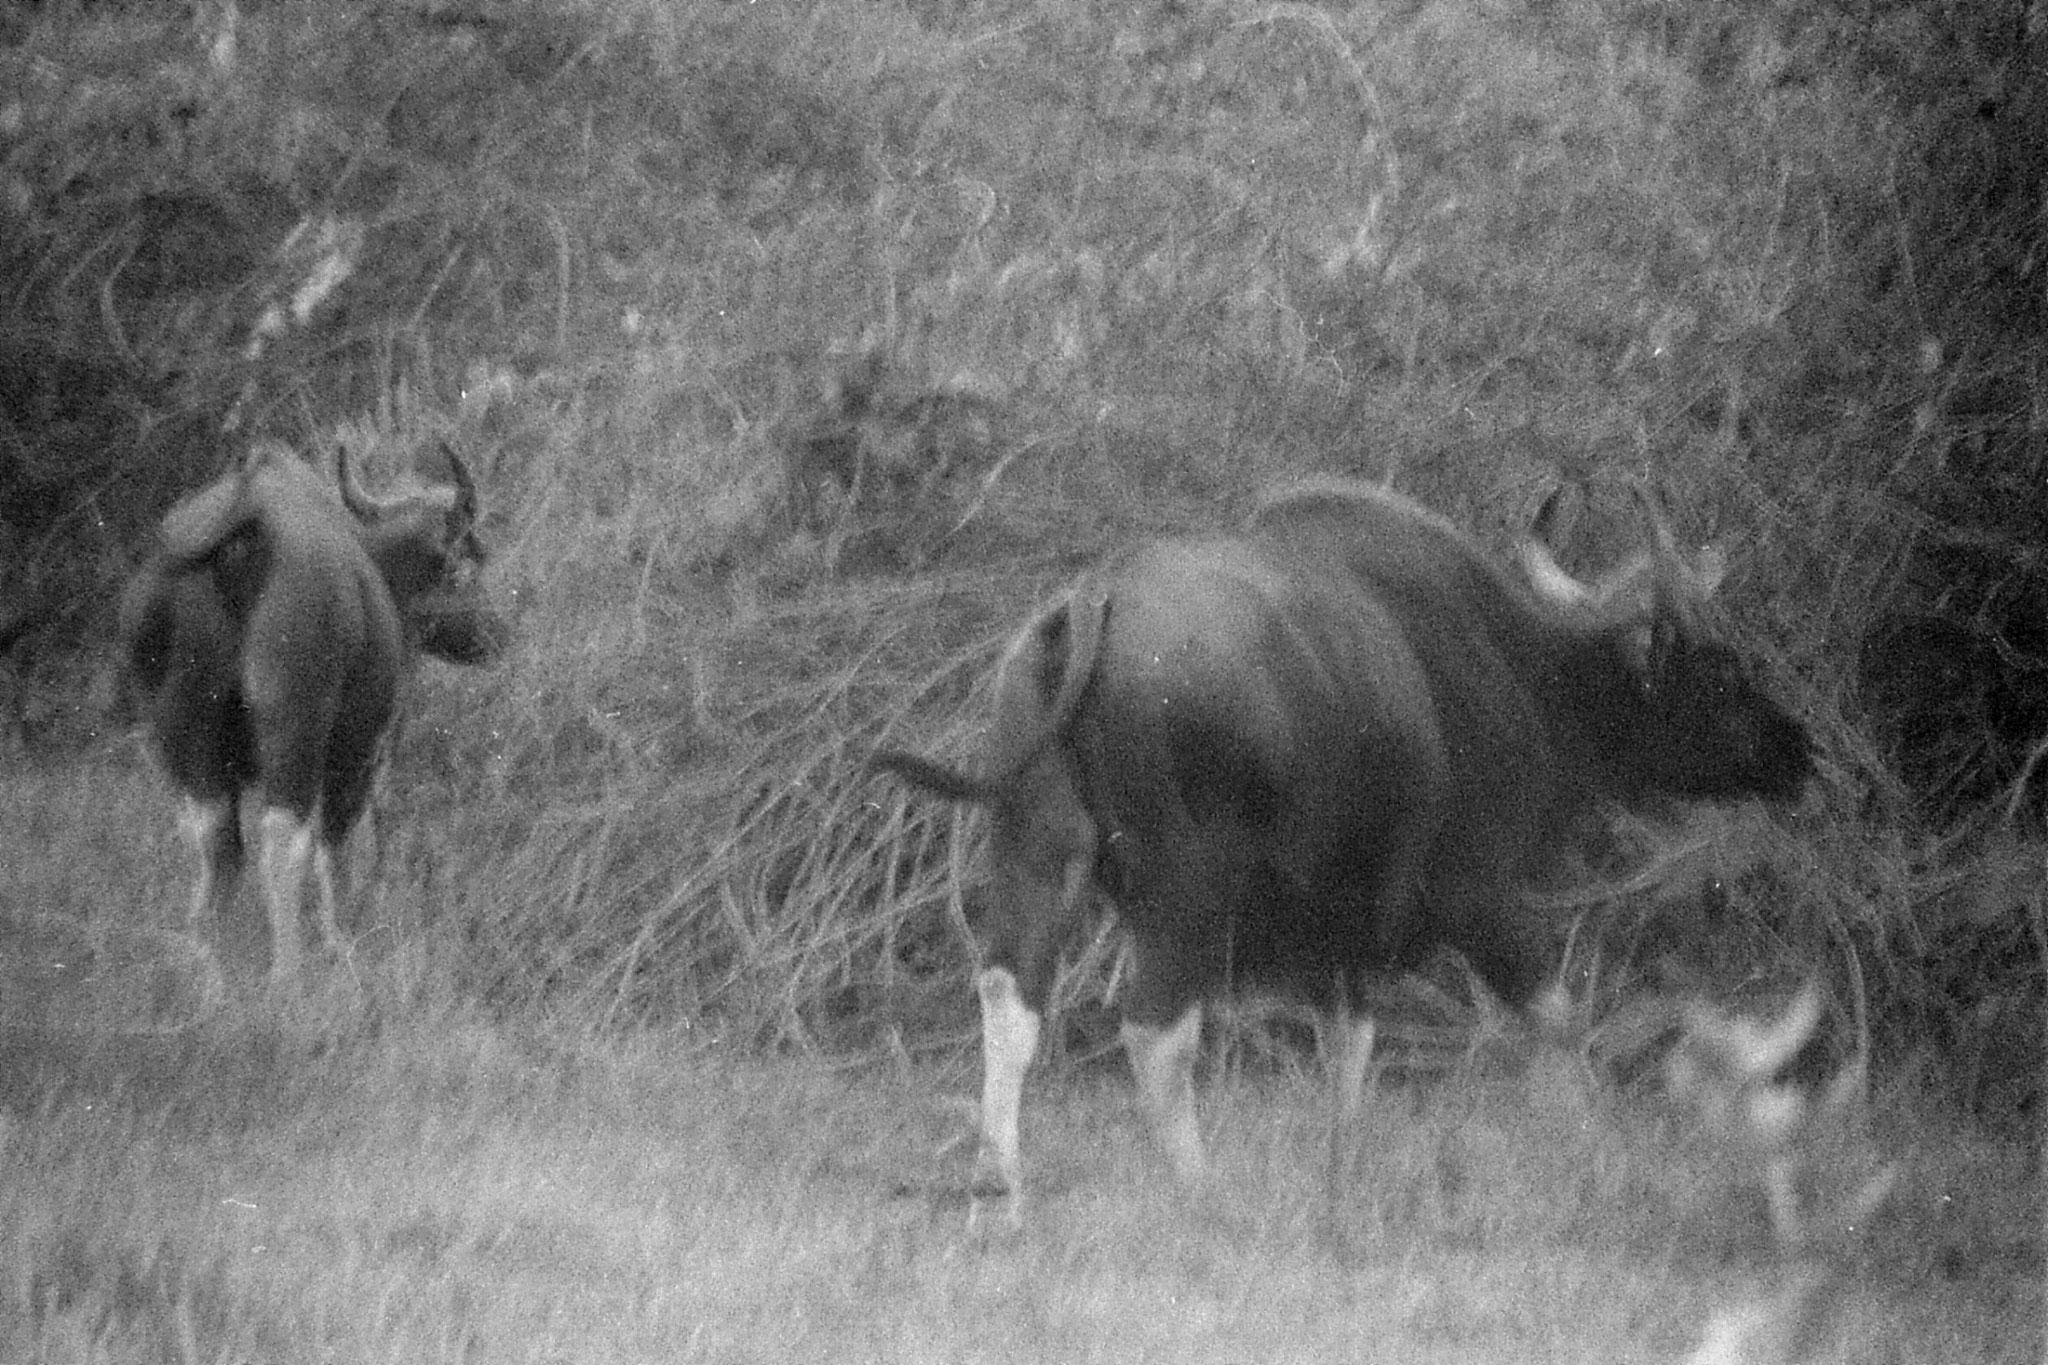 11/3/1990: 27: Nagarahole gaur